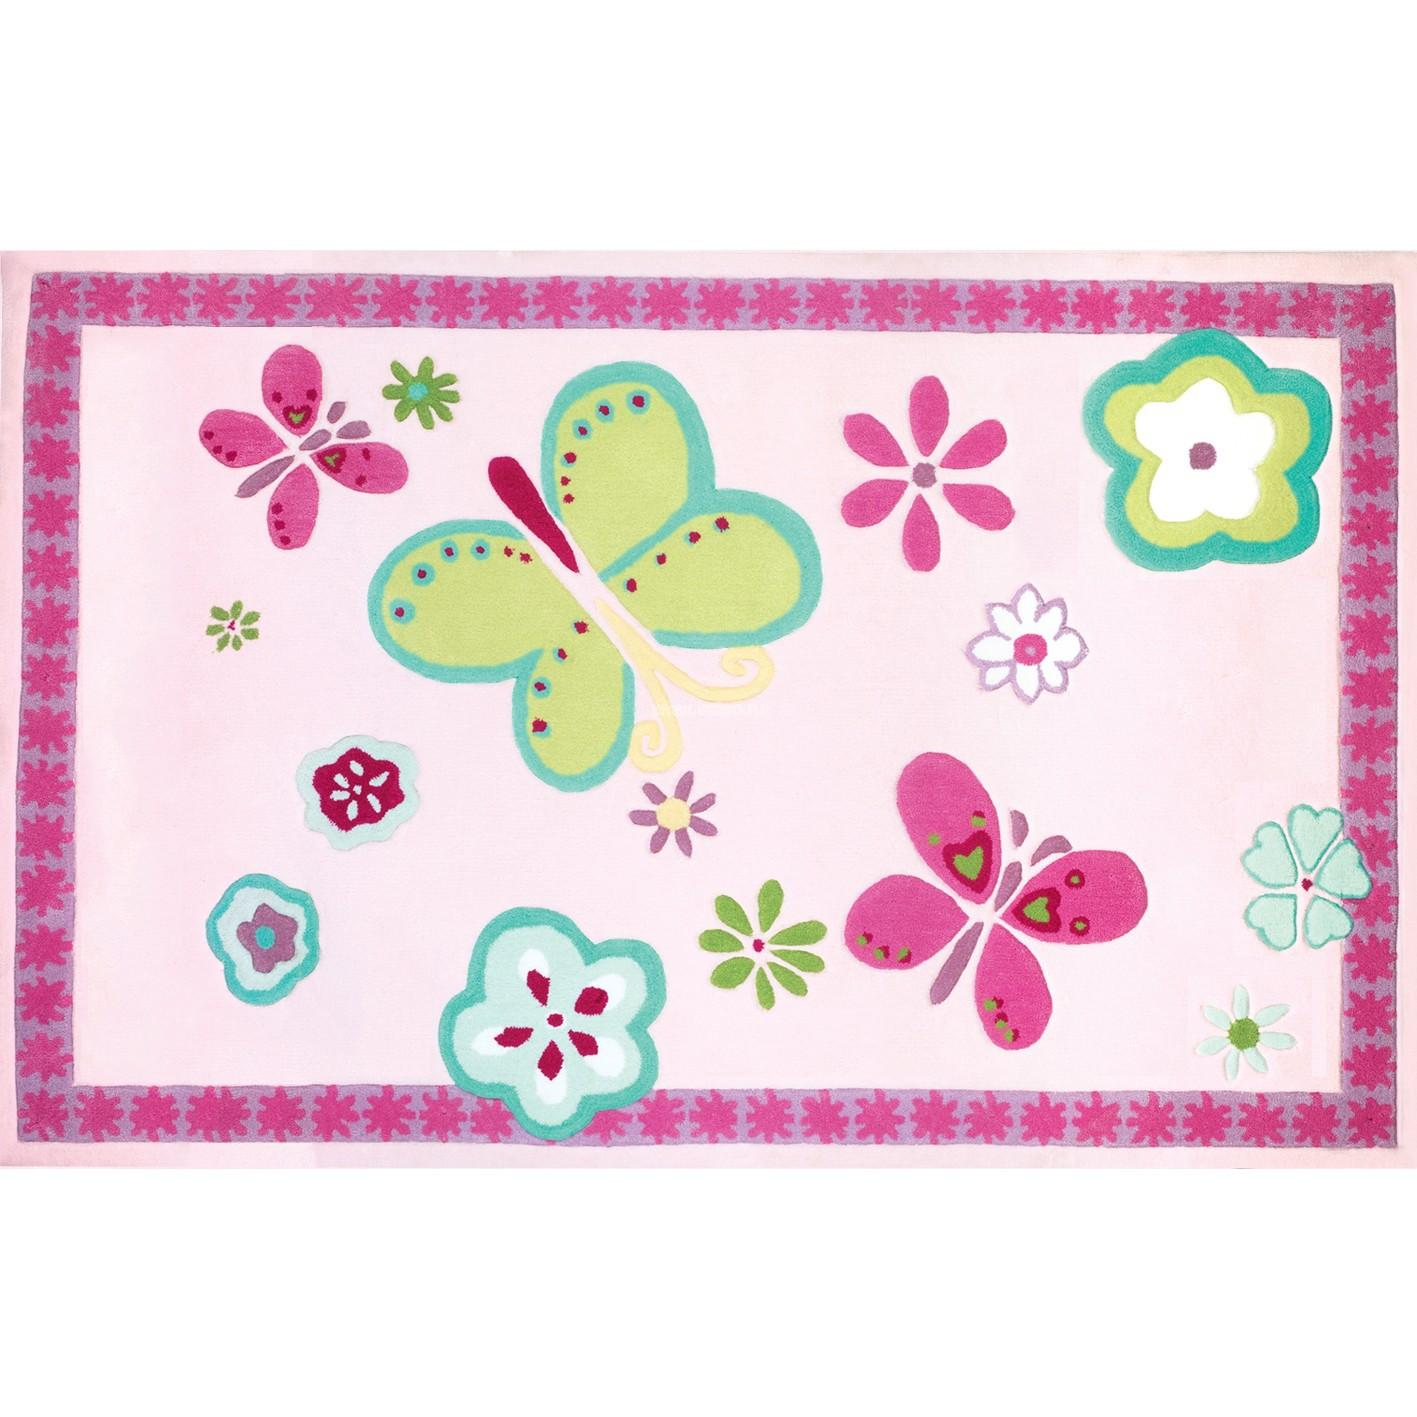 Ковер Designers Guild Kids Rugs Elgin Flower DHR085/01, интернет магазин Волео